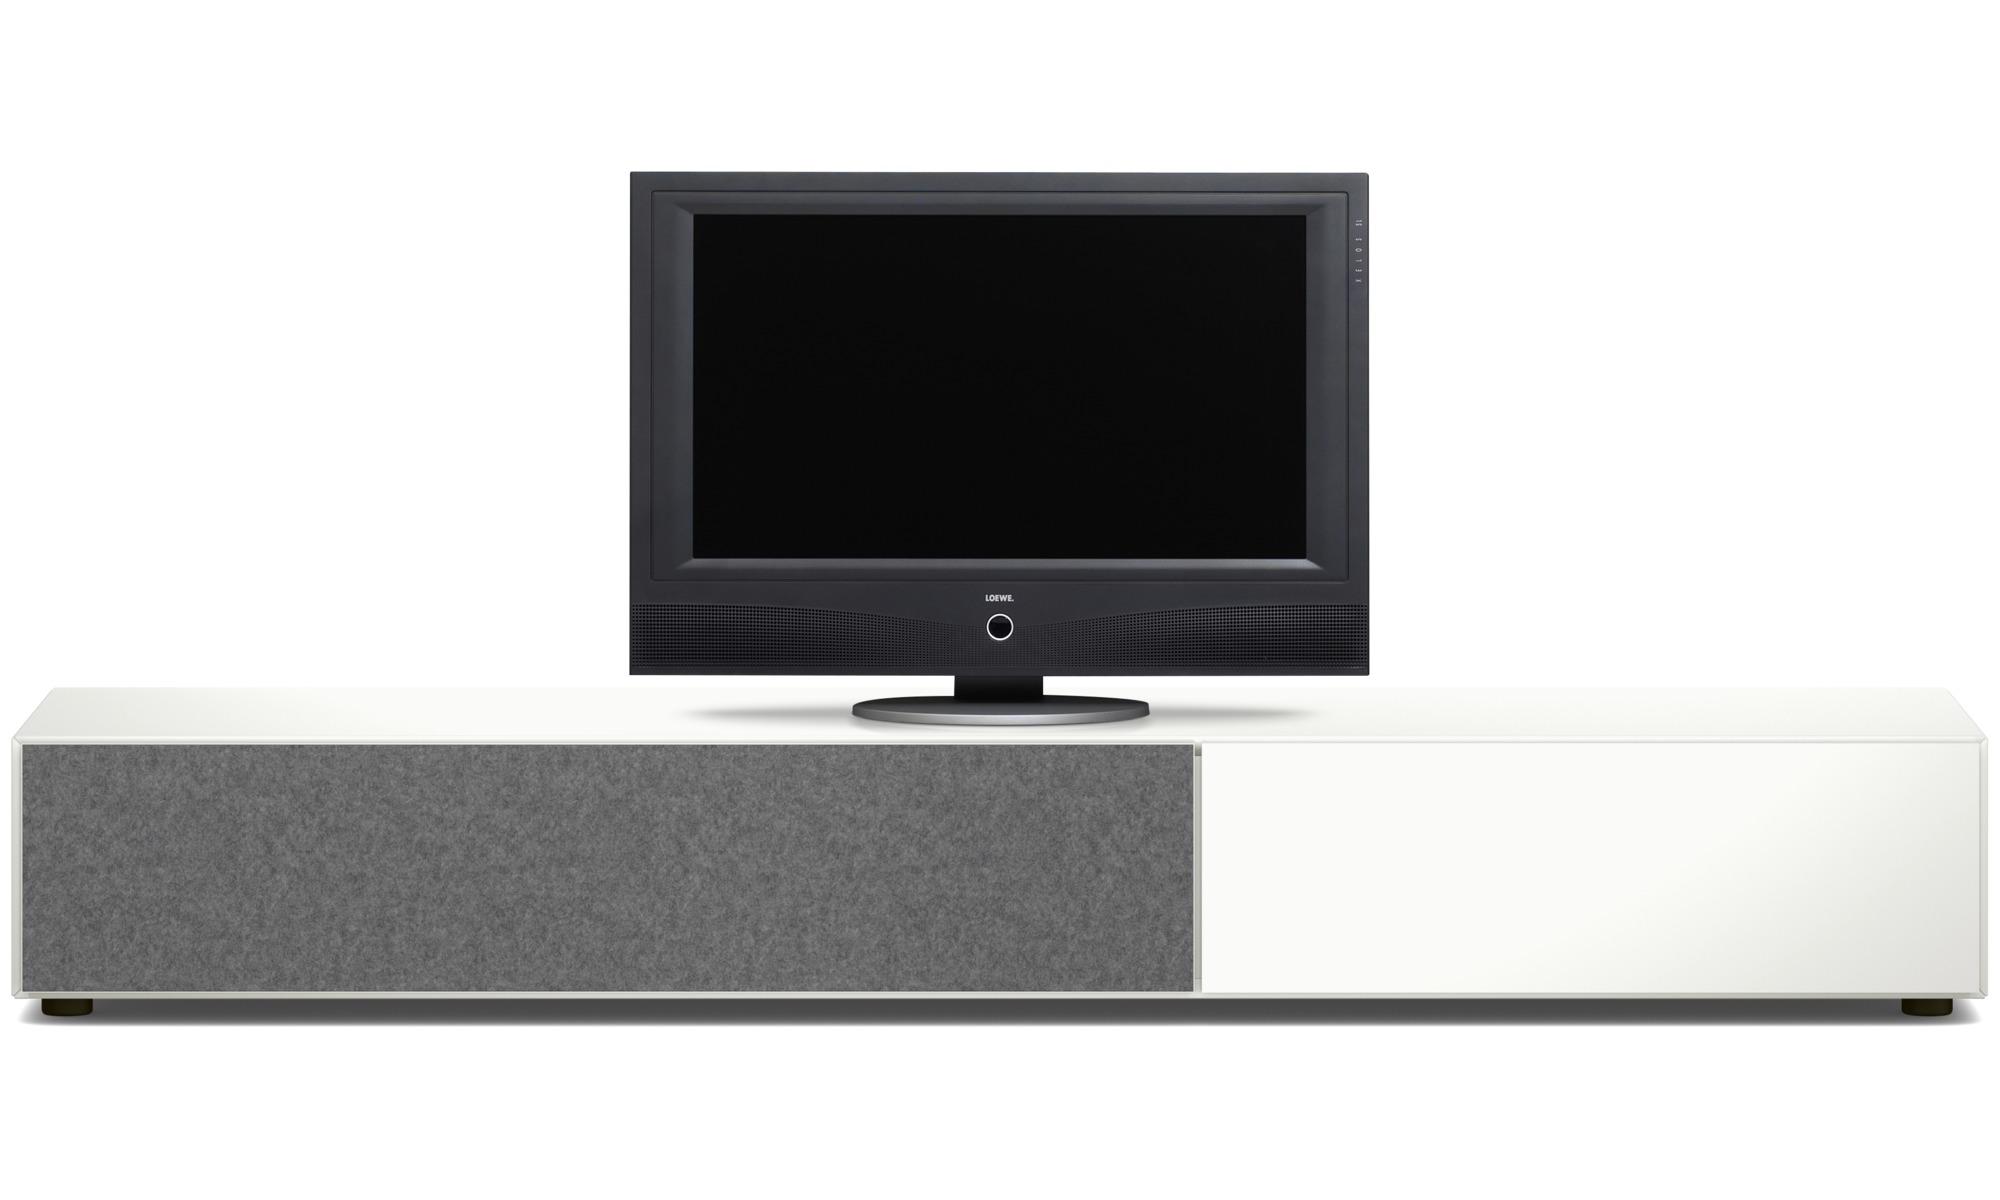 Muebles de TV - Armario bajo Lugano con cajón y puerta abatibles hacia abajo - Laca